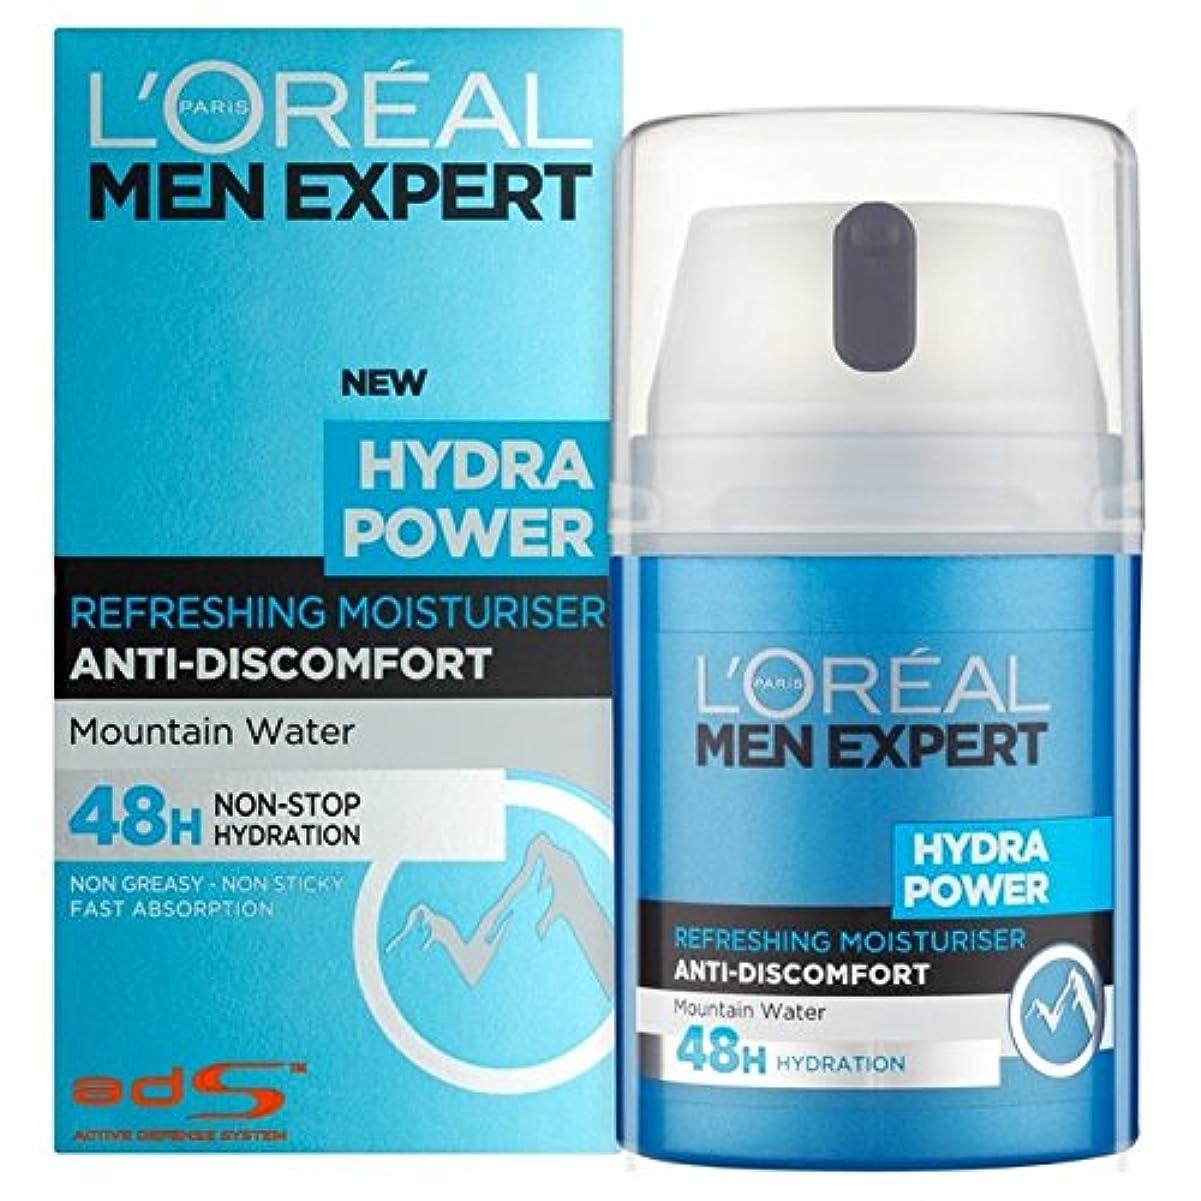 オーガニック運河トランペットL'Oreal Paris Men Expert Hydra Power Refreshing Moisturiser 50ml - ロレアルパリのメンズ専門ヒドラ電源爽やか保湿50ミリリットル [並行輸入品]